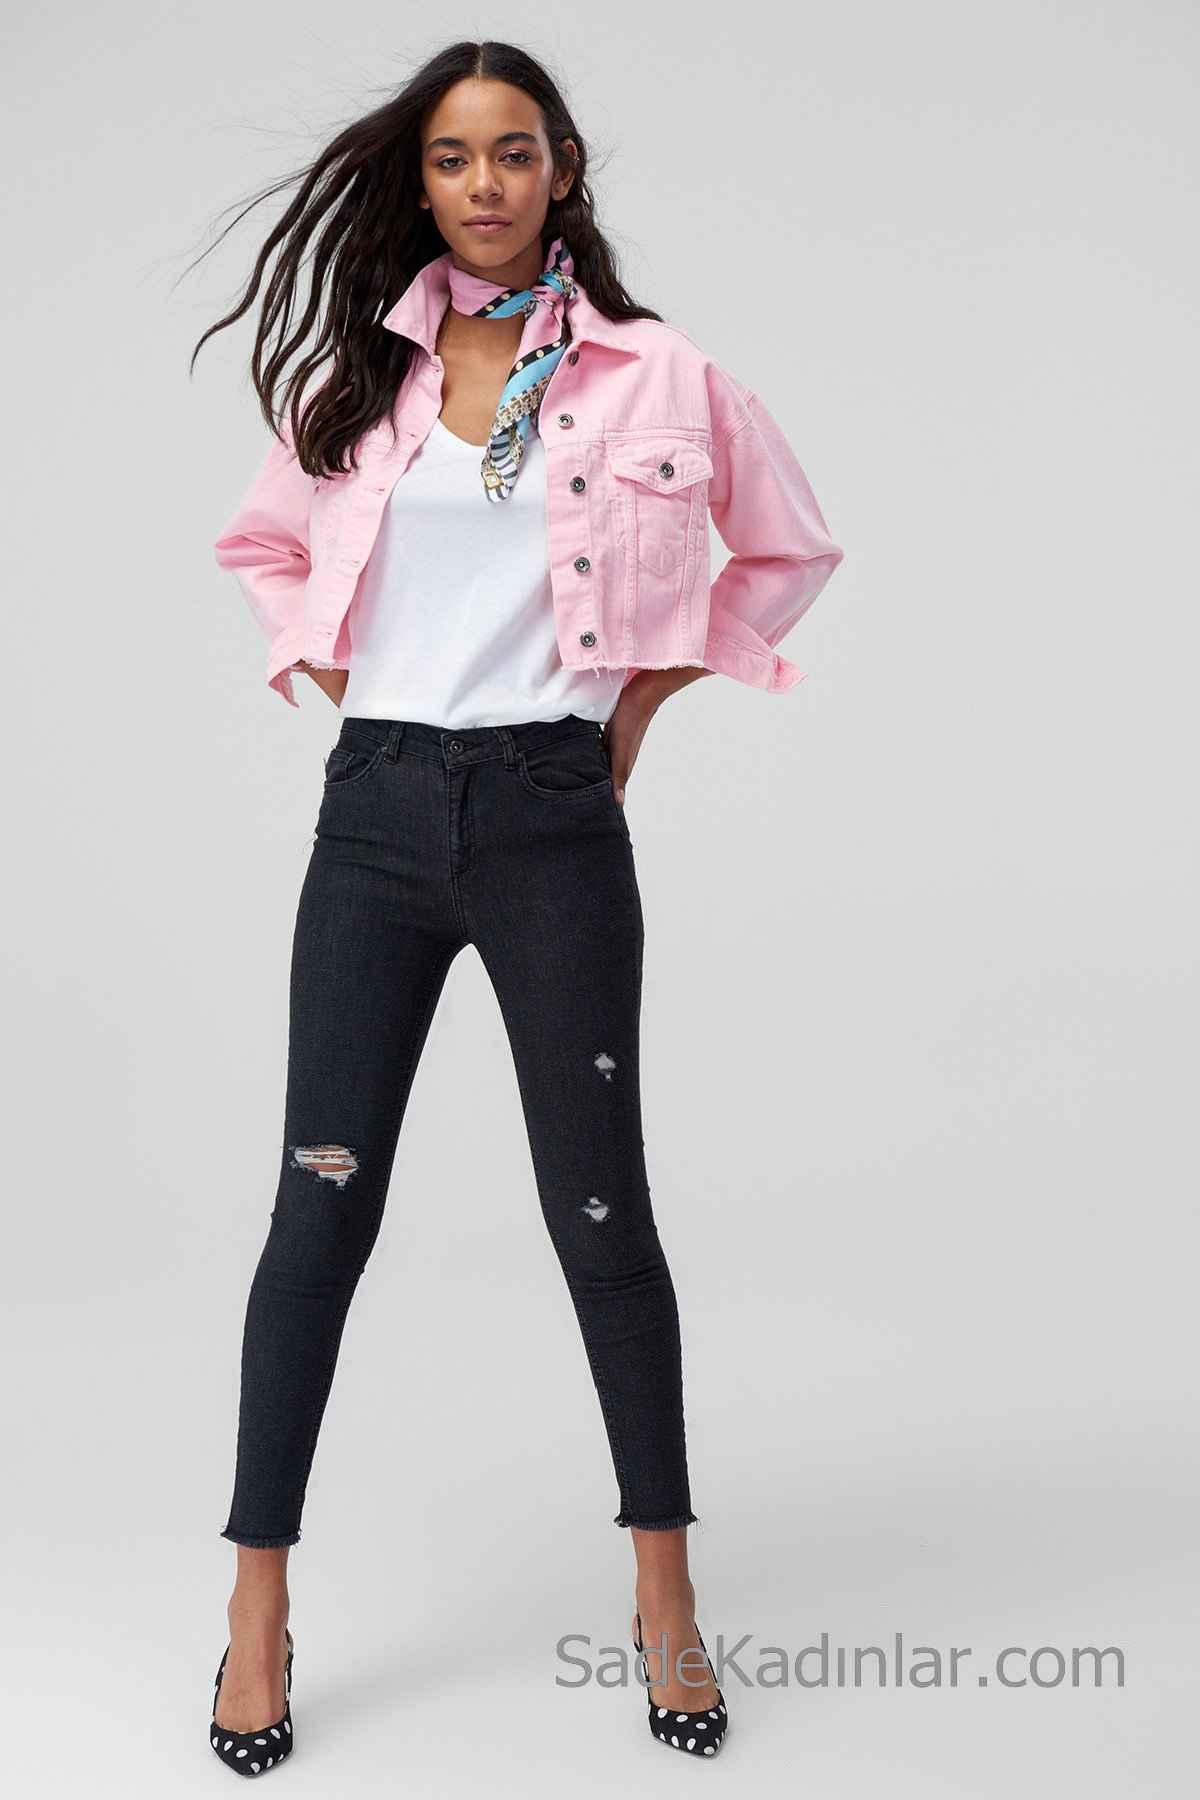 Pantolon Kombinleri Siyah Yırtık Pantolon Beyaz V Yaka Bluz Pembe Kısa Ceket